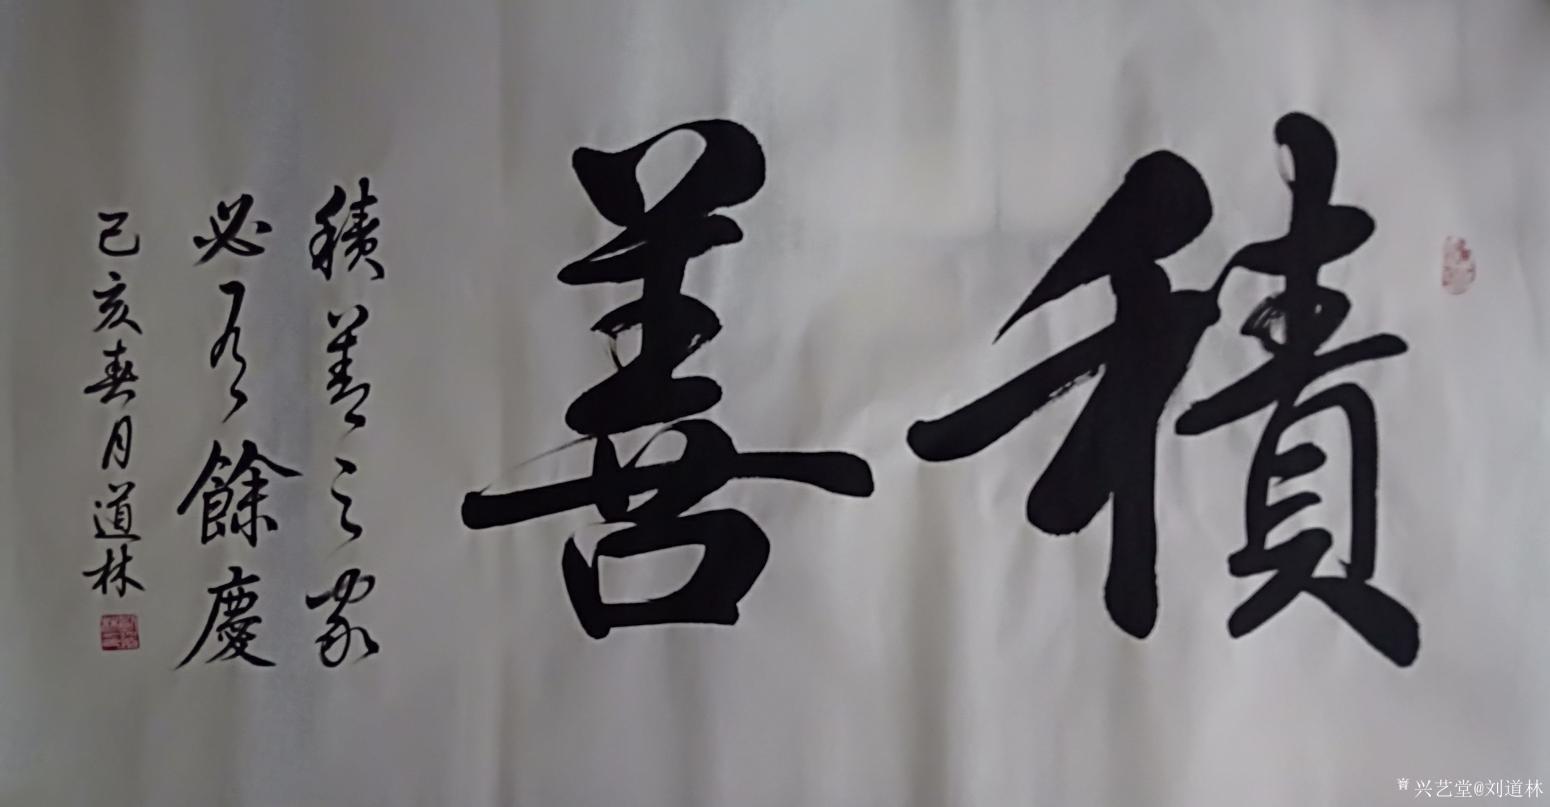 刘道林书法作品《积善》